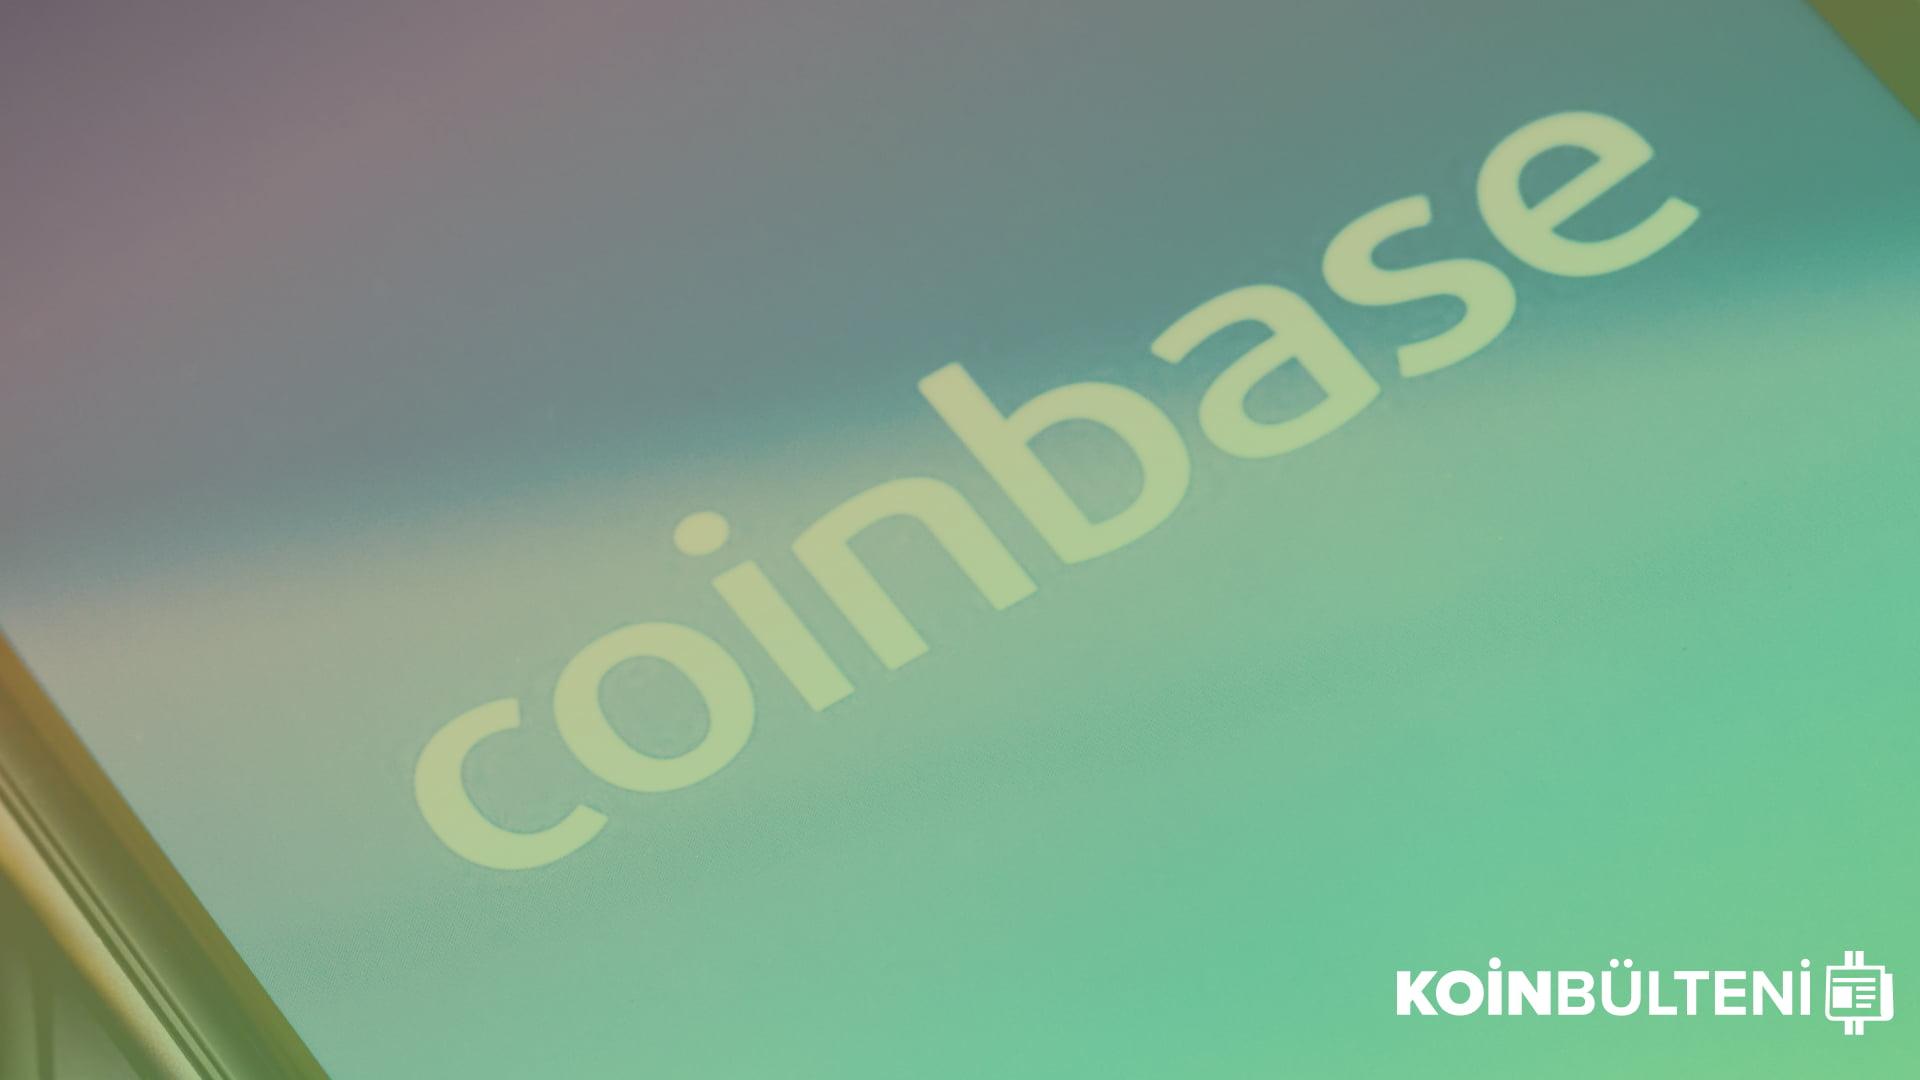 coinbase-kripto-para-xrp-ripple-borsa